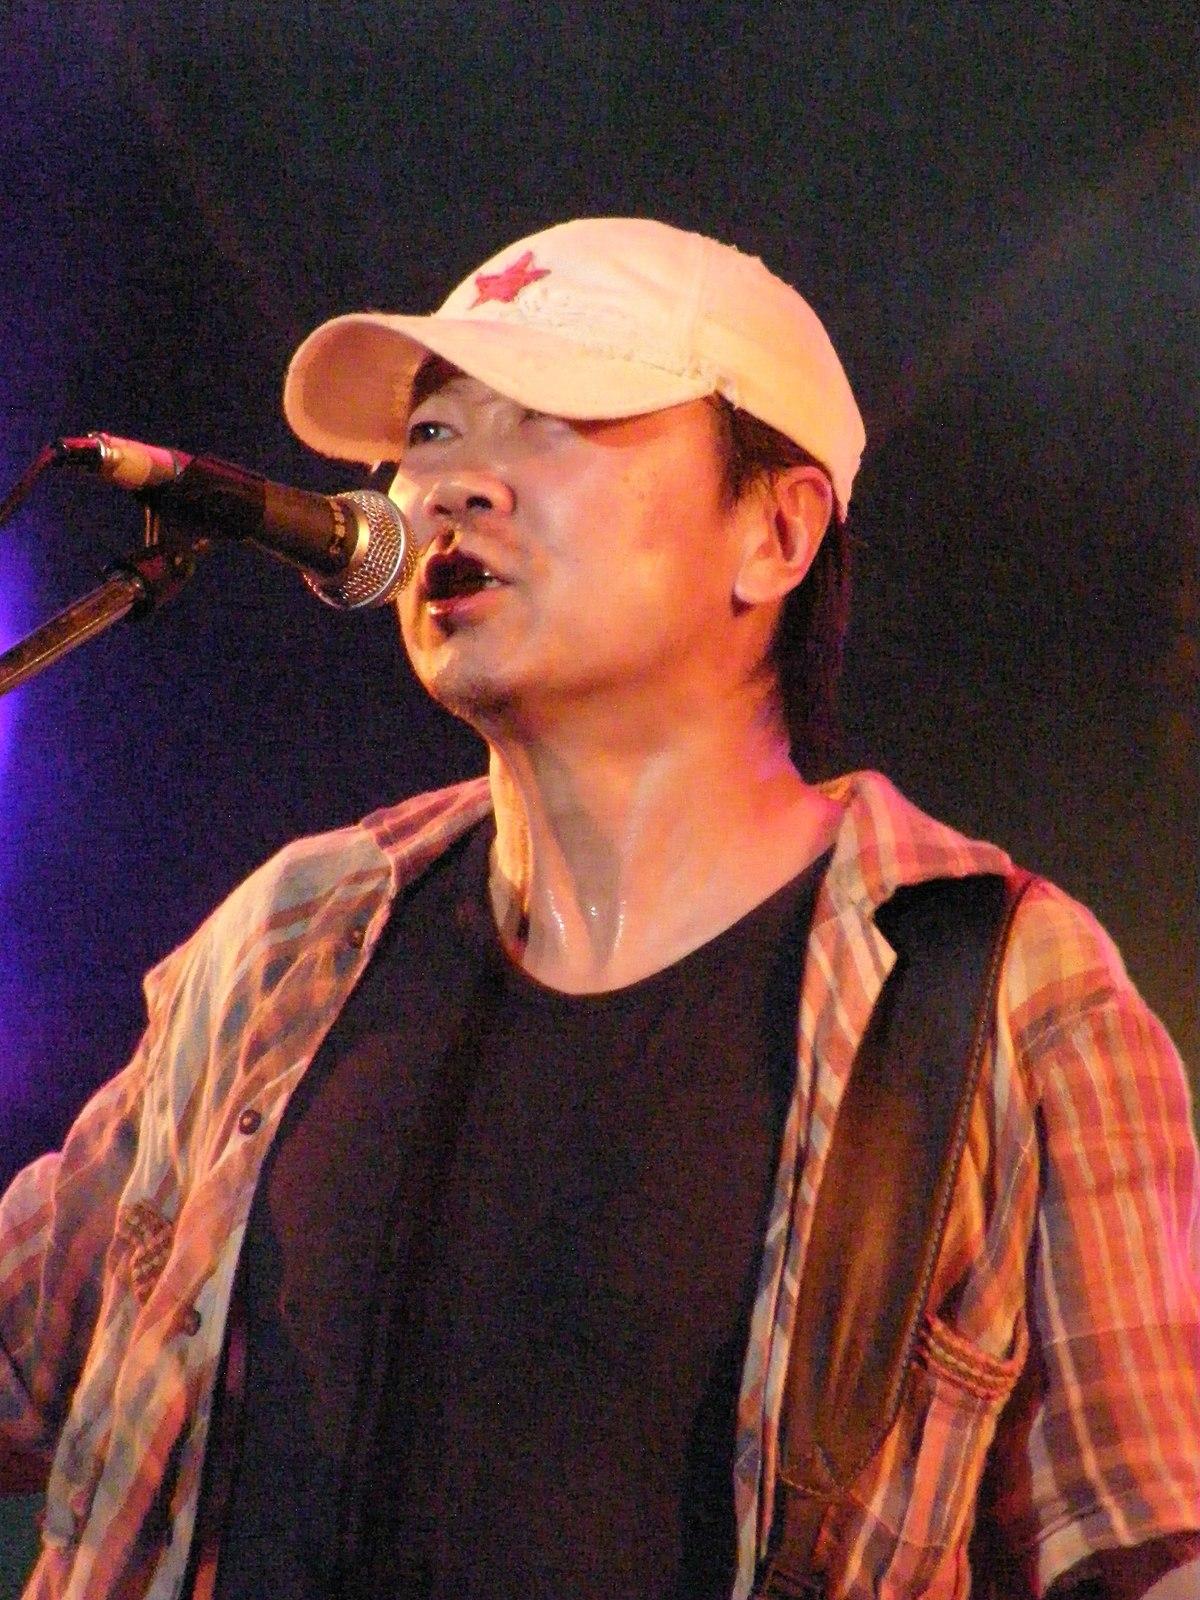 崔健 - Wikipedia